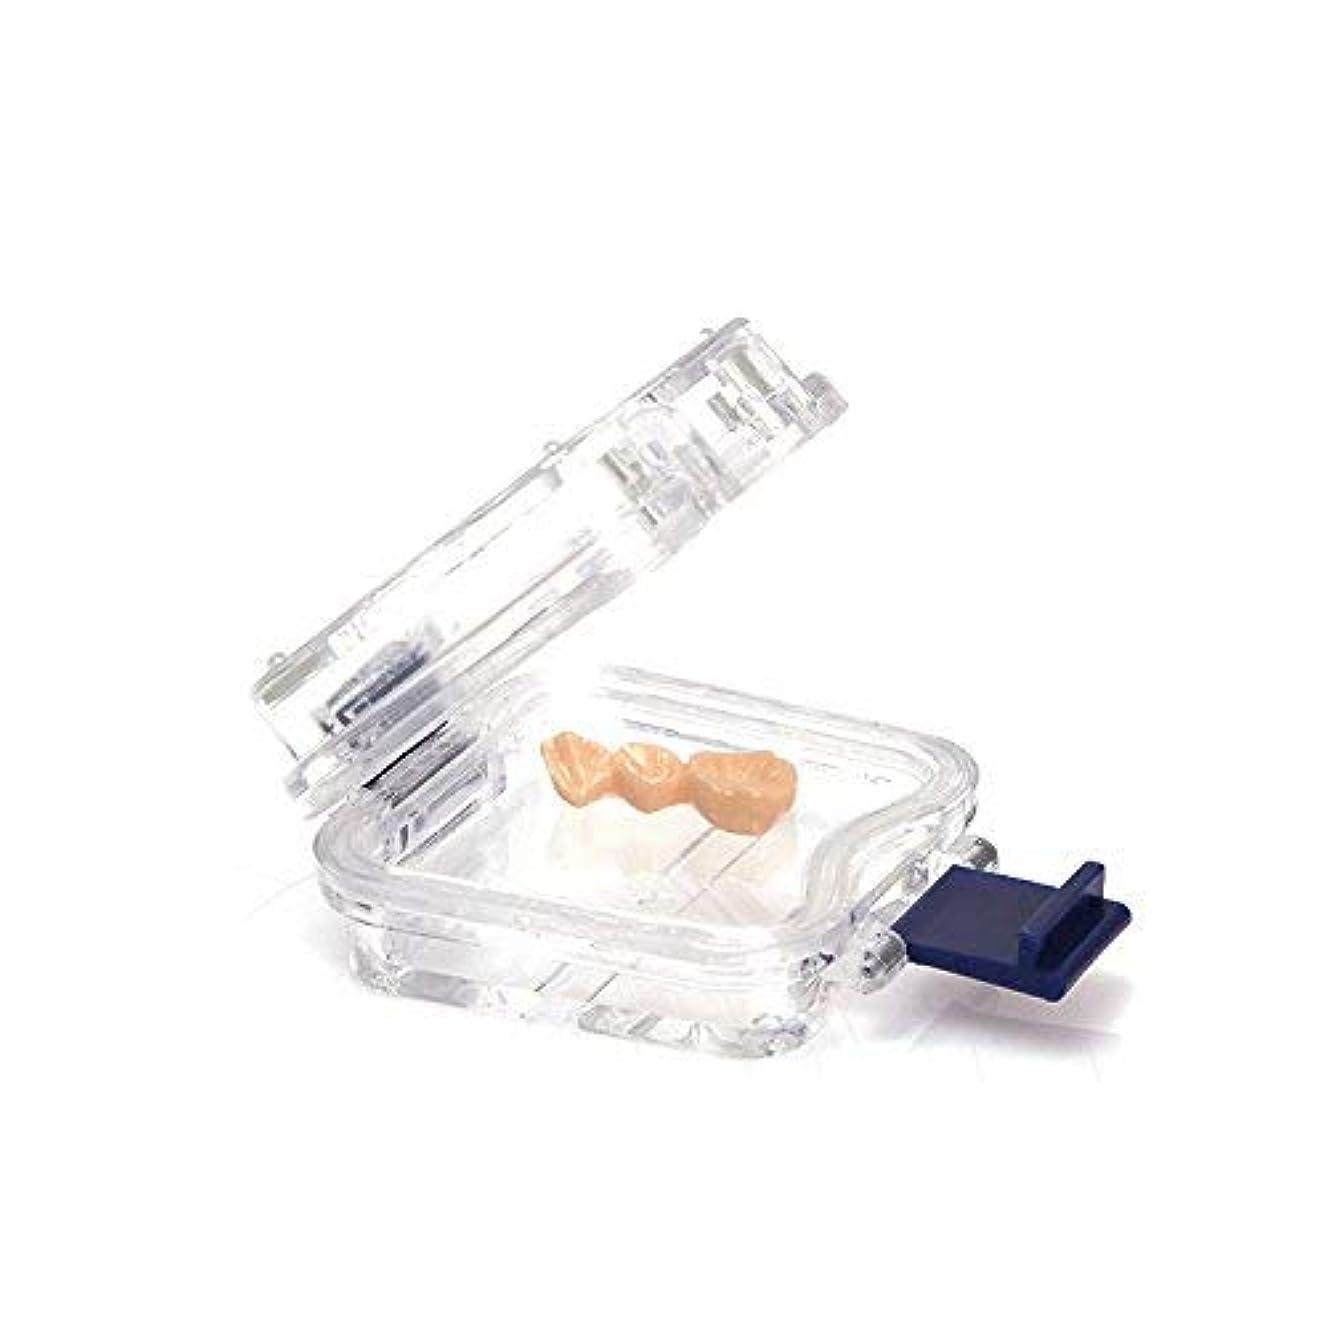 入れ歯ケース膜付き 5pcs/lot 義歯ケース 防振入れ歯ケース 小サイズ Annhua